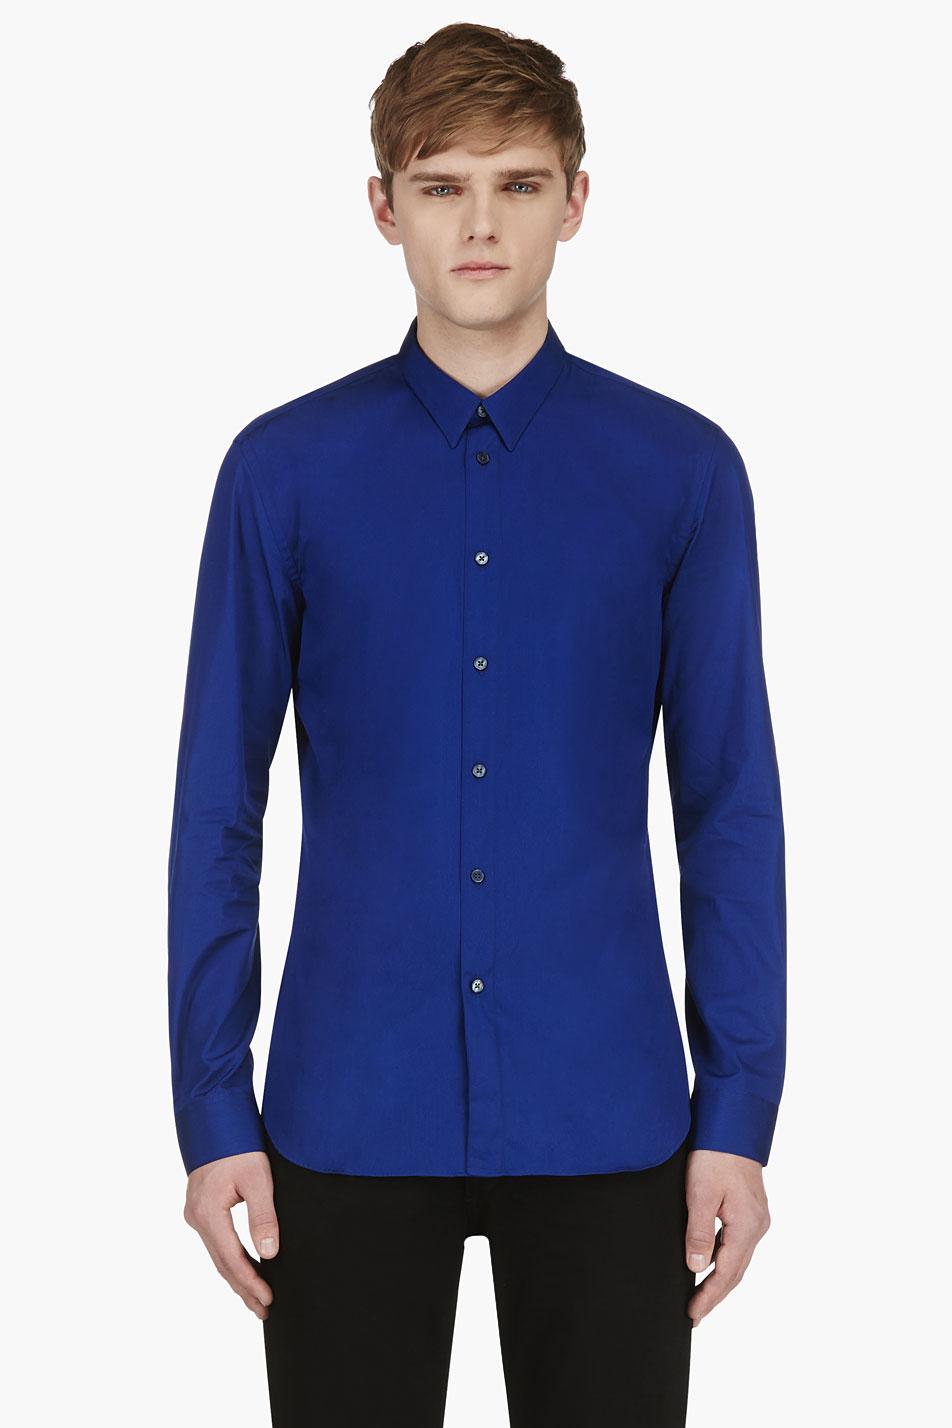 Calvin Klein Royal Blue Slim Fit Button Down Shirt In Blue